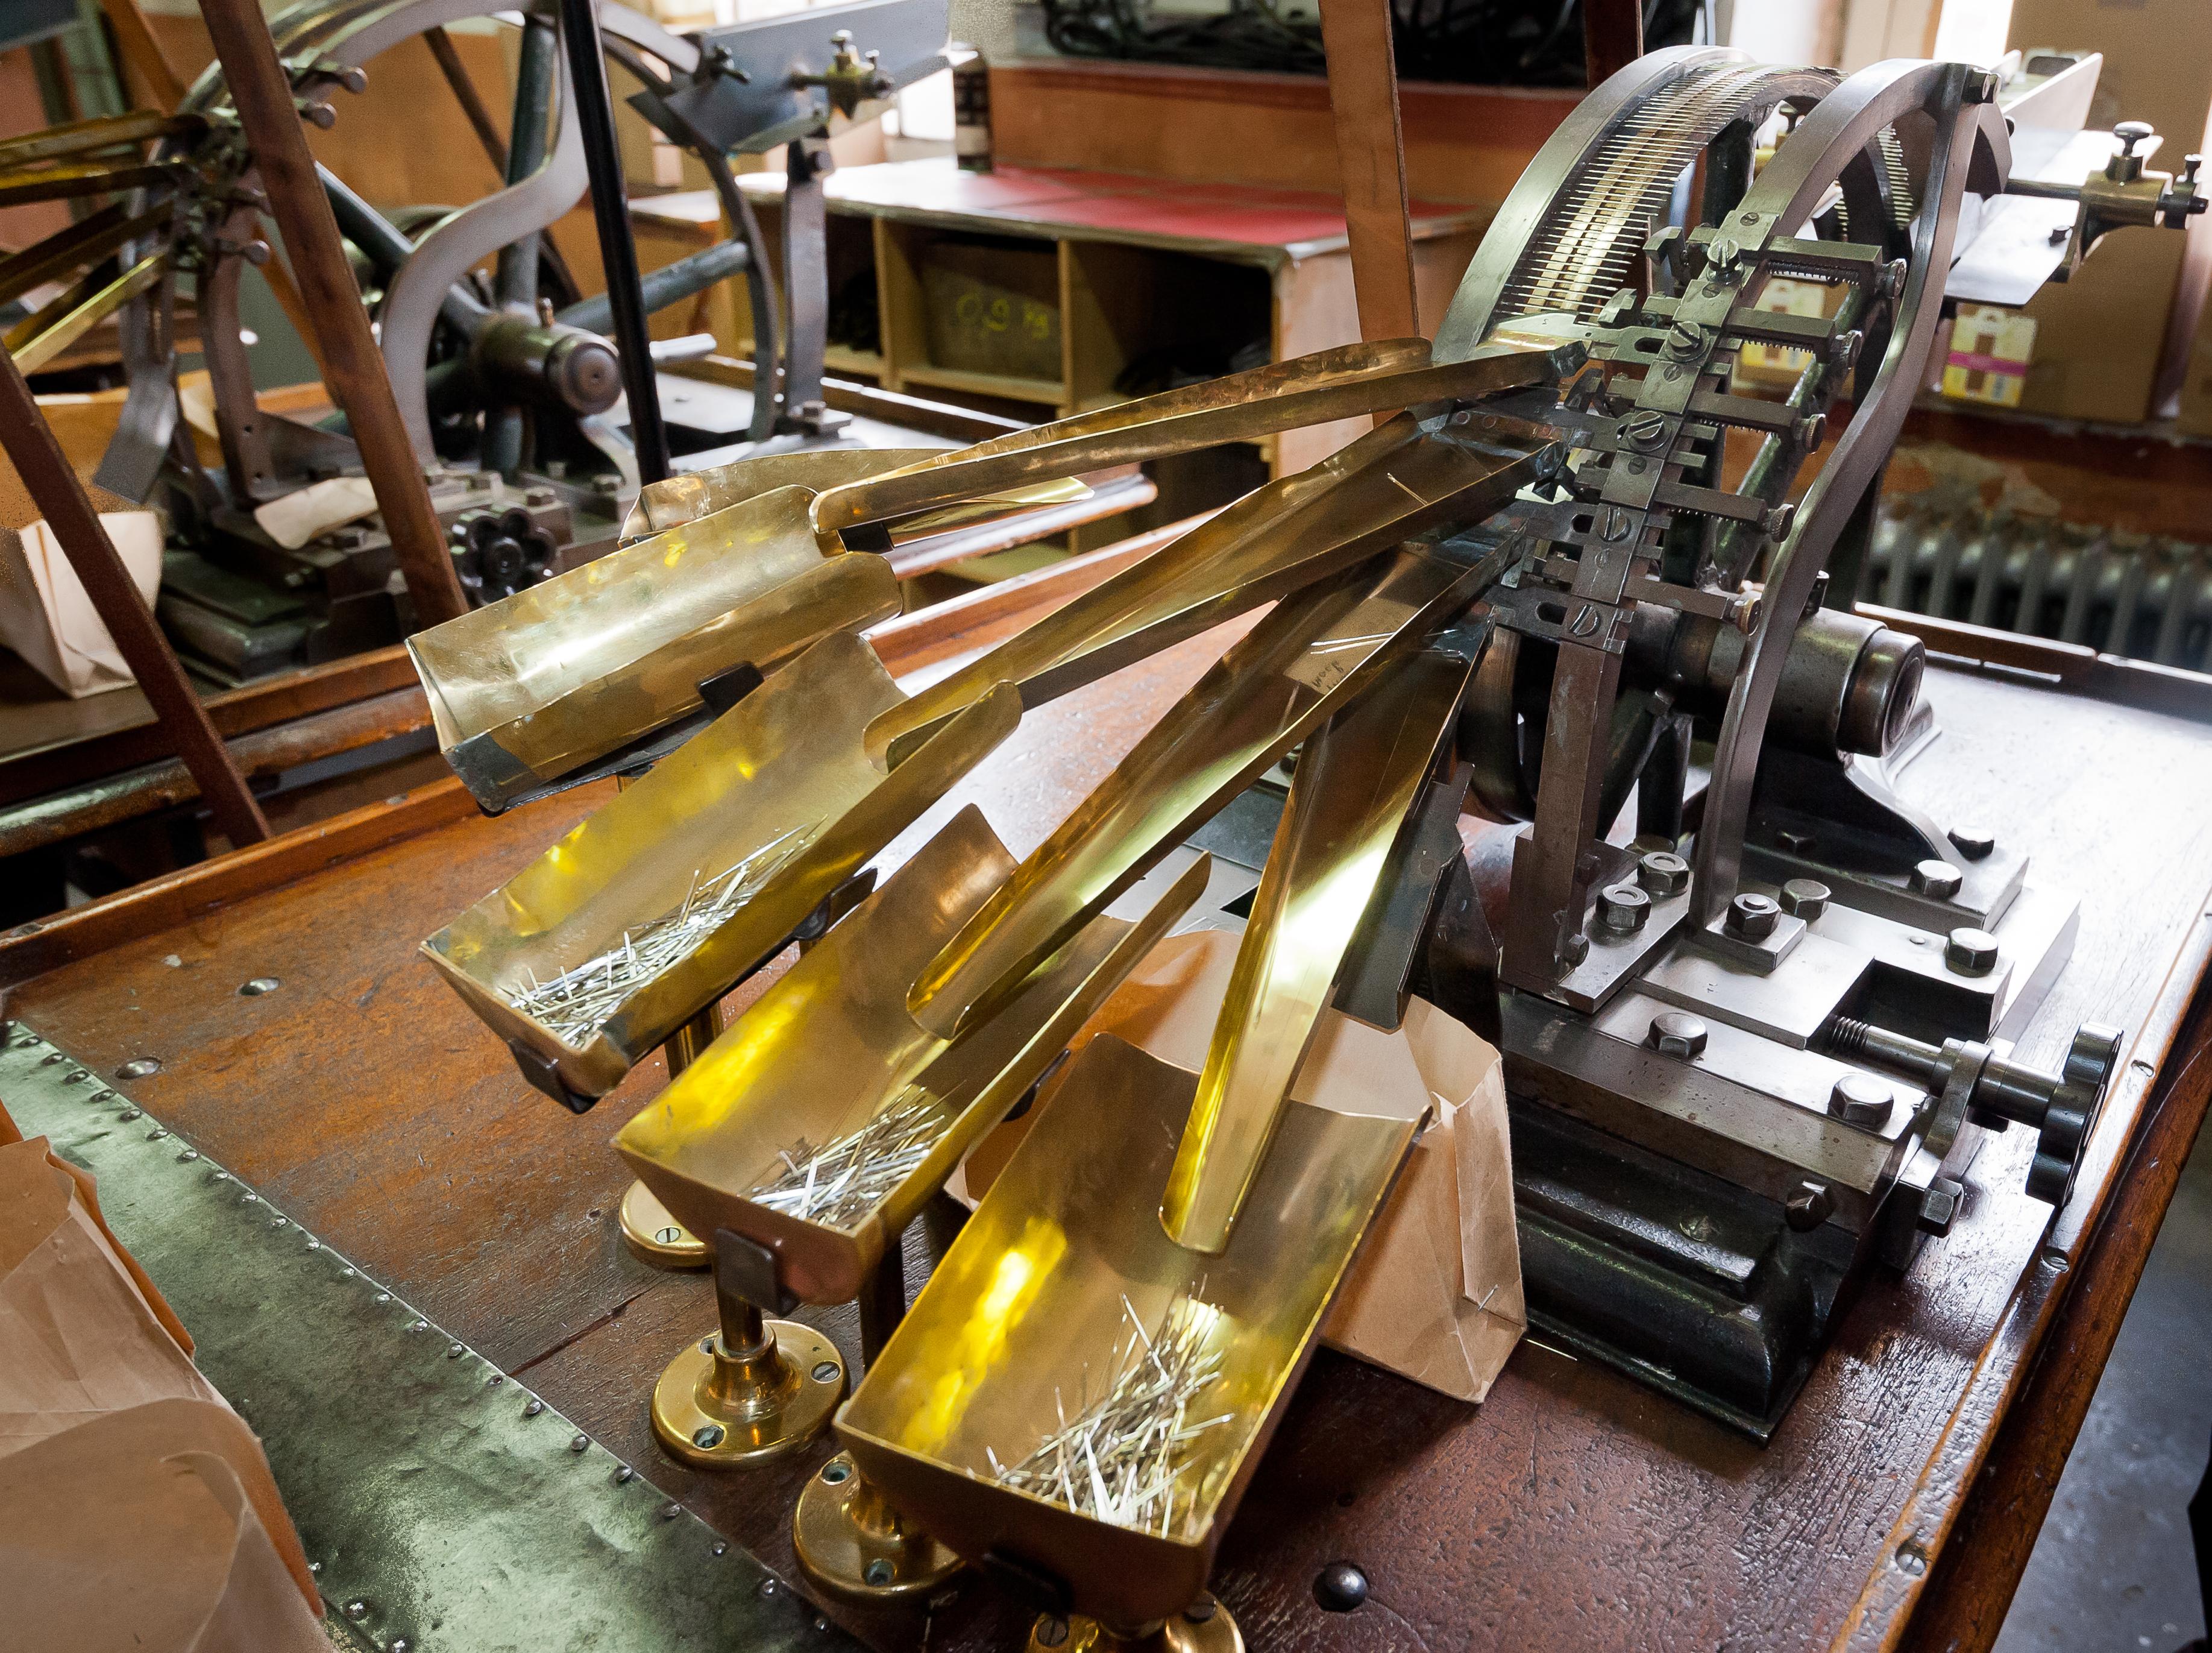 la-manufacture-bohin-ateliers-de-production-le-tallage-romain-chocart